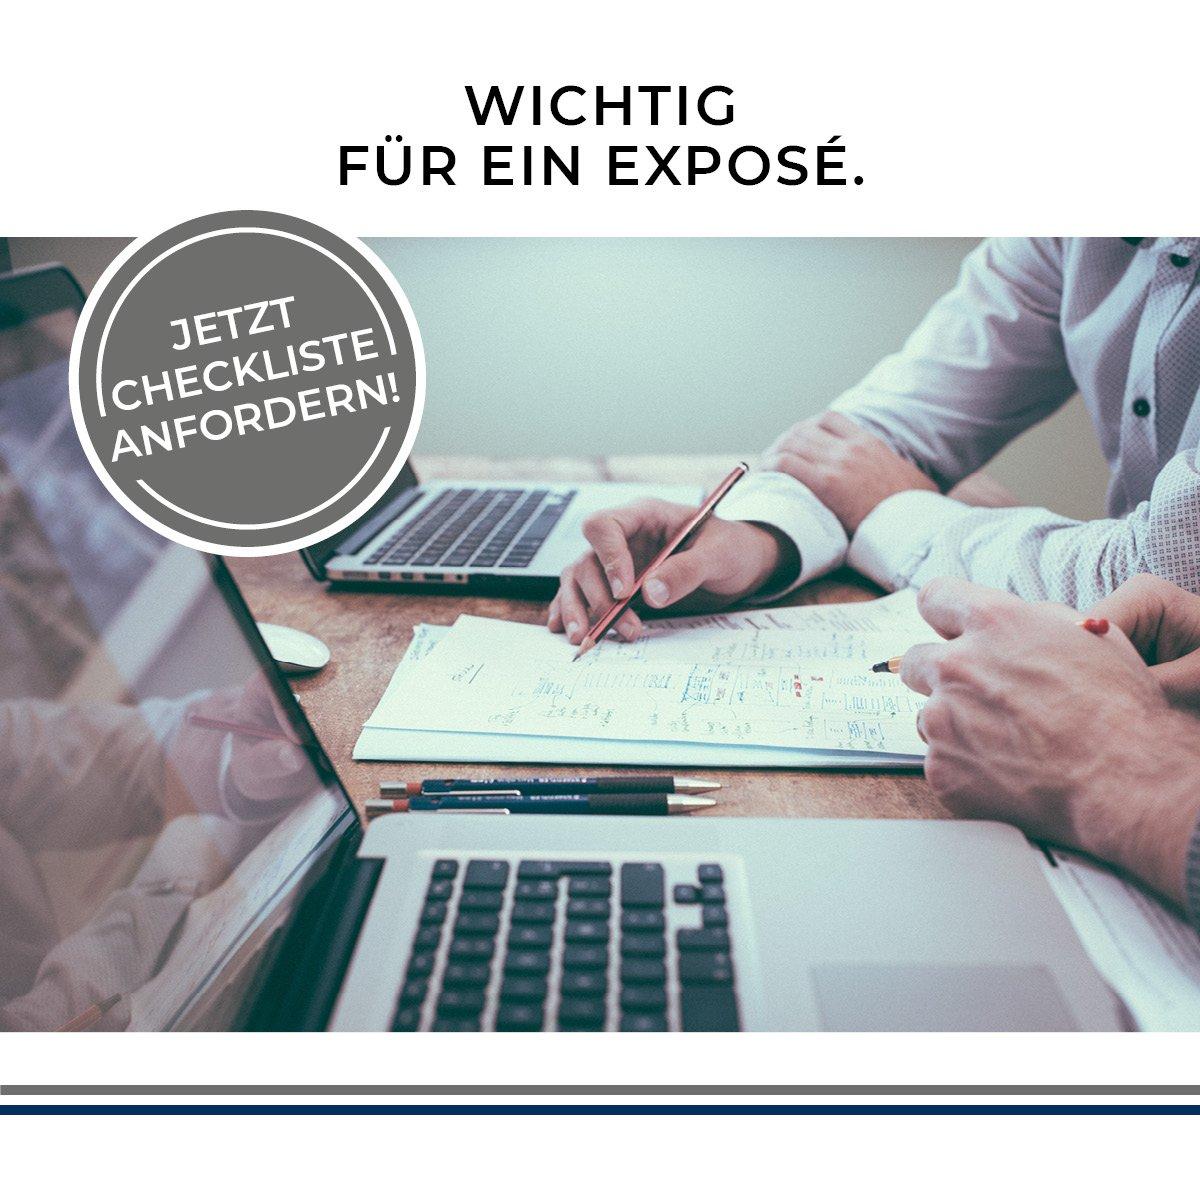 Wichtig für ein Expose, Immobilien in Minden, Porta Westfalica, Lübbecke, Bielefeld